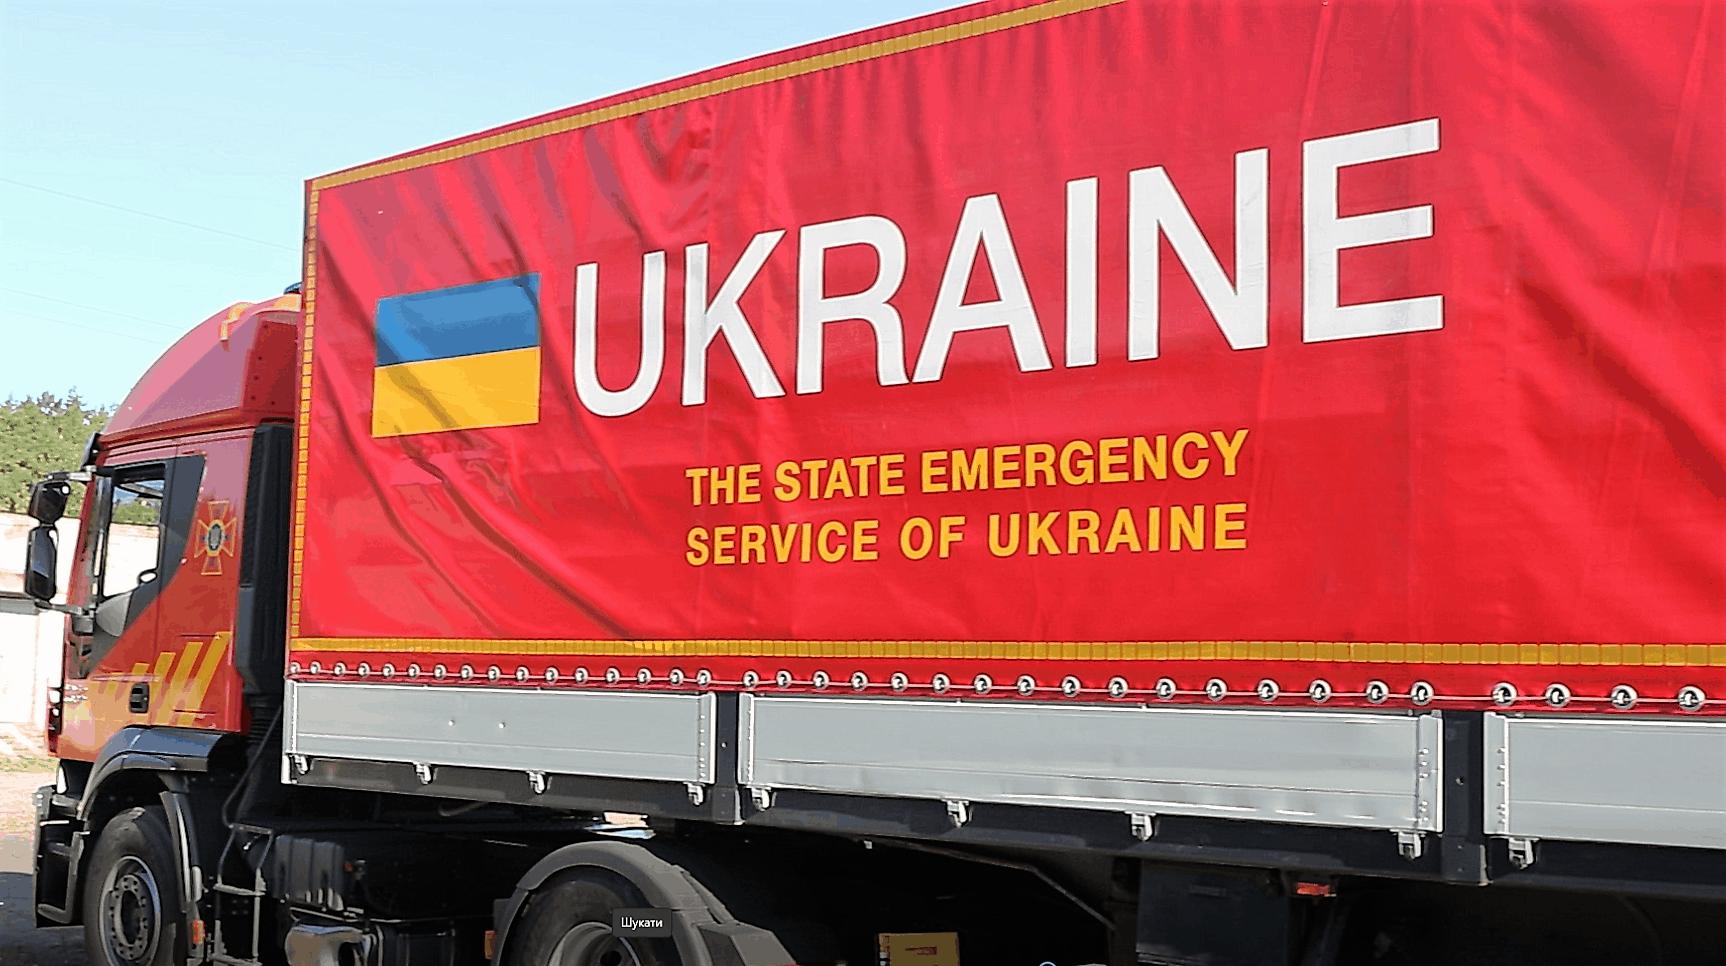 Вантажний автомобіль ДСНС